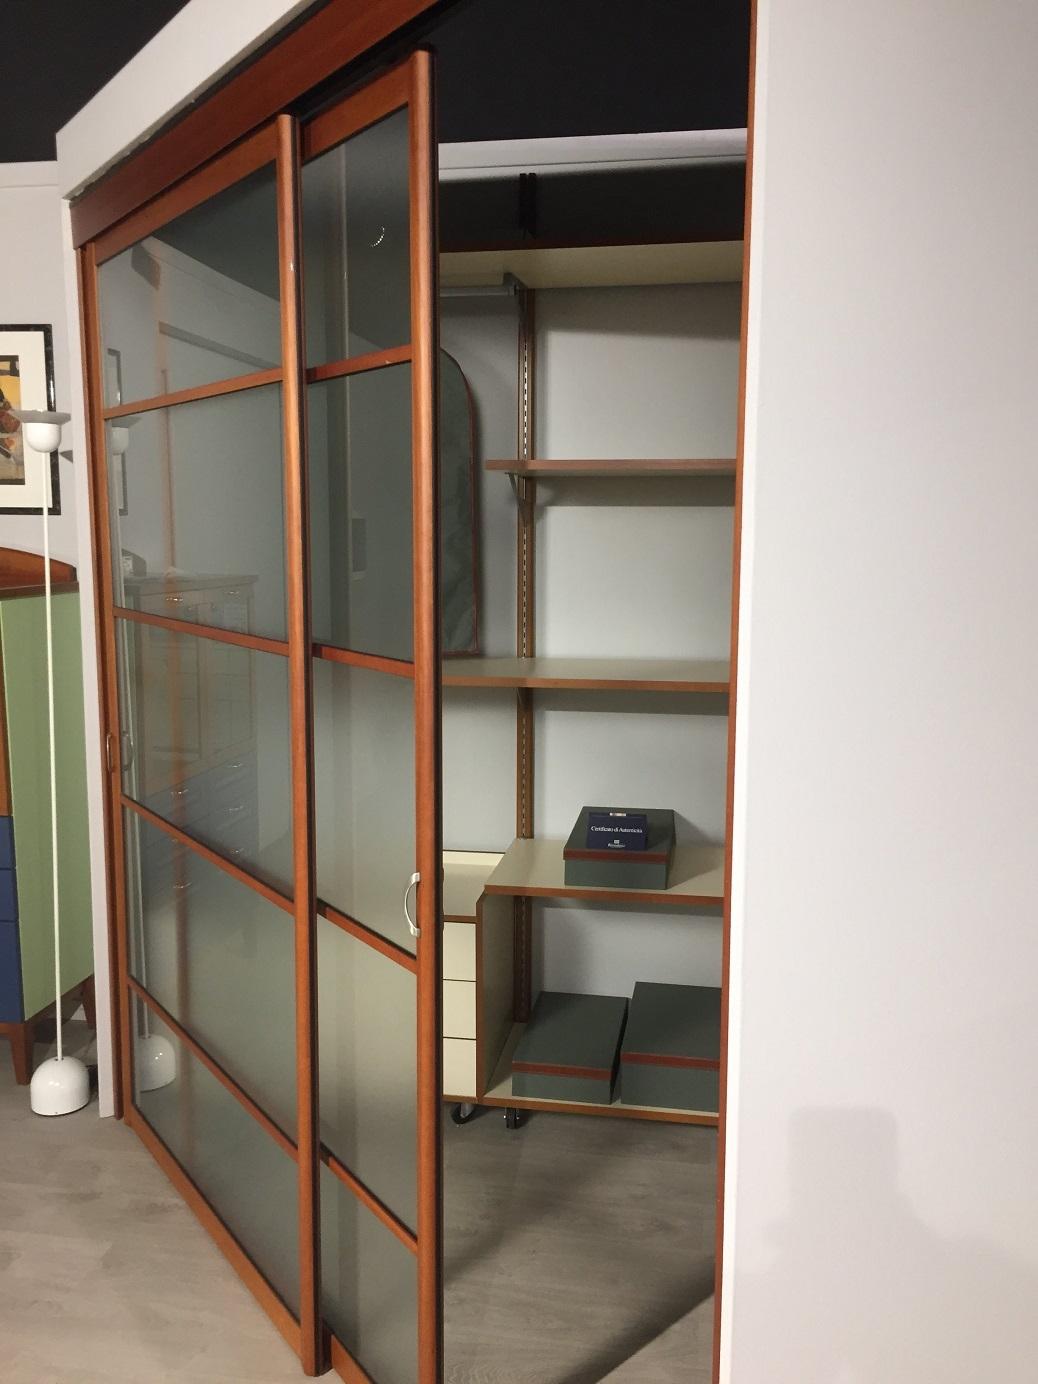 Emejing porte per cabina armadio gallery acrylicgiftware - Cabine armadio idee ...